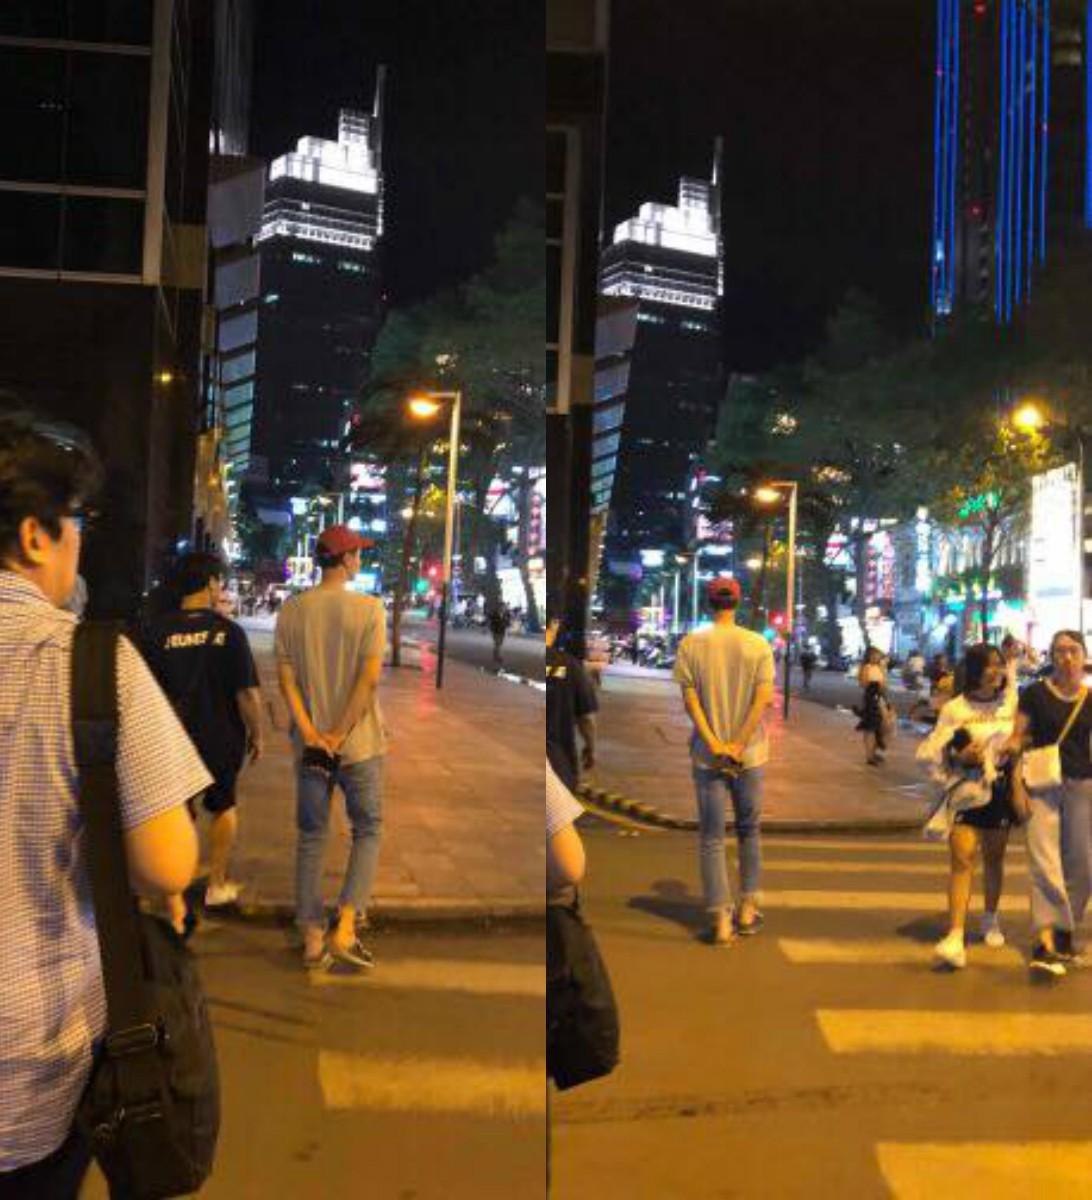 Tài tử Jo In Sung dạo phố Việt Nam: Đi dép lào, dáng đứng bến tre nhưng vẫn khiến fan vỡ tim vì ngoại hình - Ảnh 1.